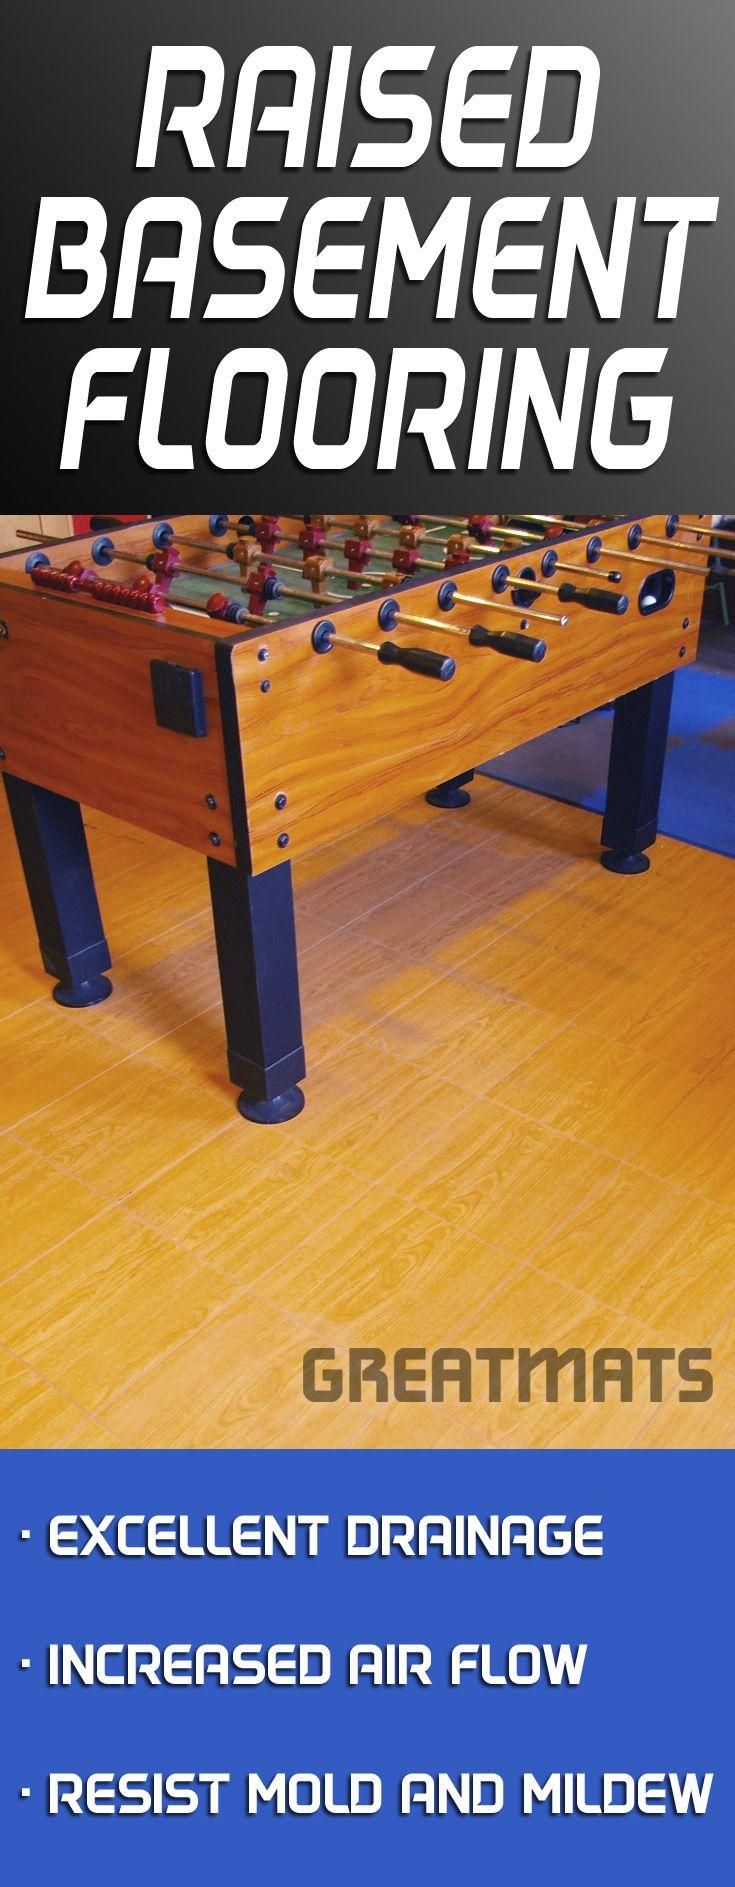 best flooring for damp basements with moisture problems basement rh pinterest com Wet Basement Raised Floor Tiles Pergo Basement Flooring